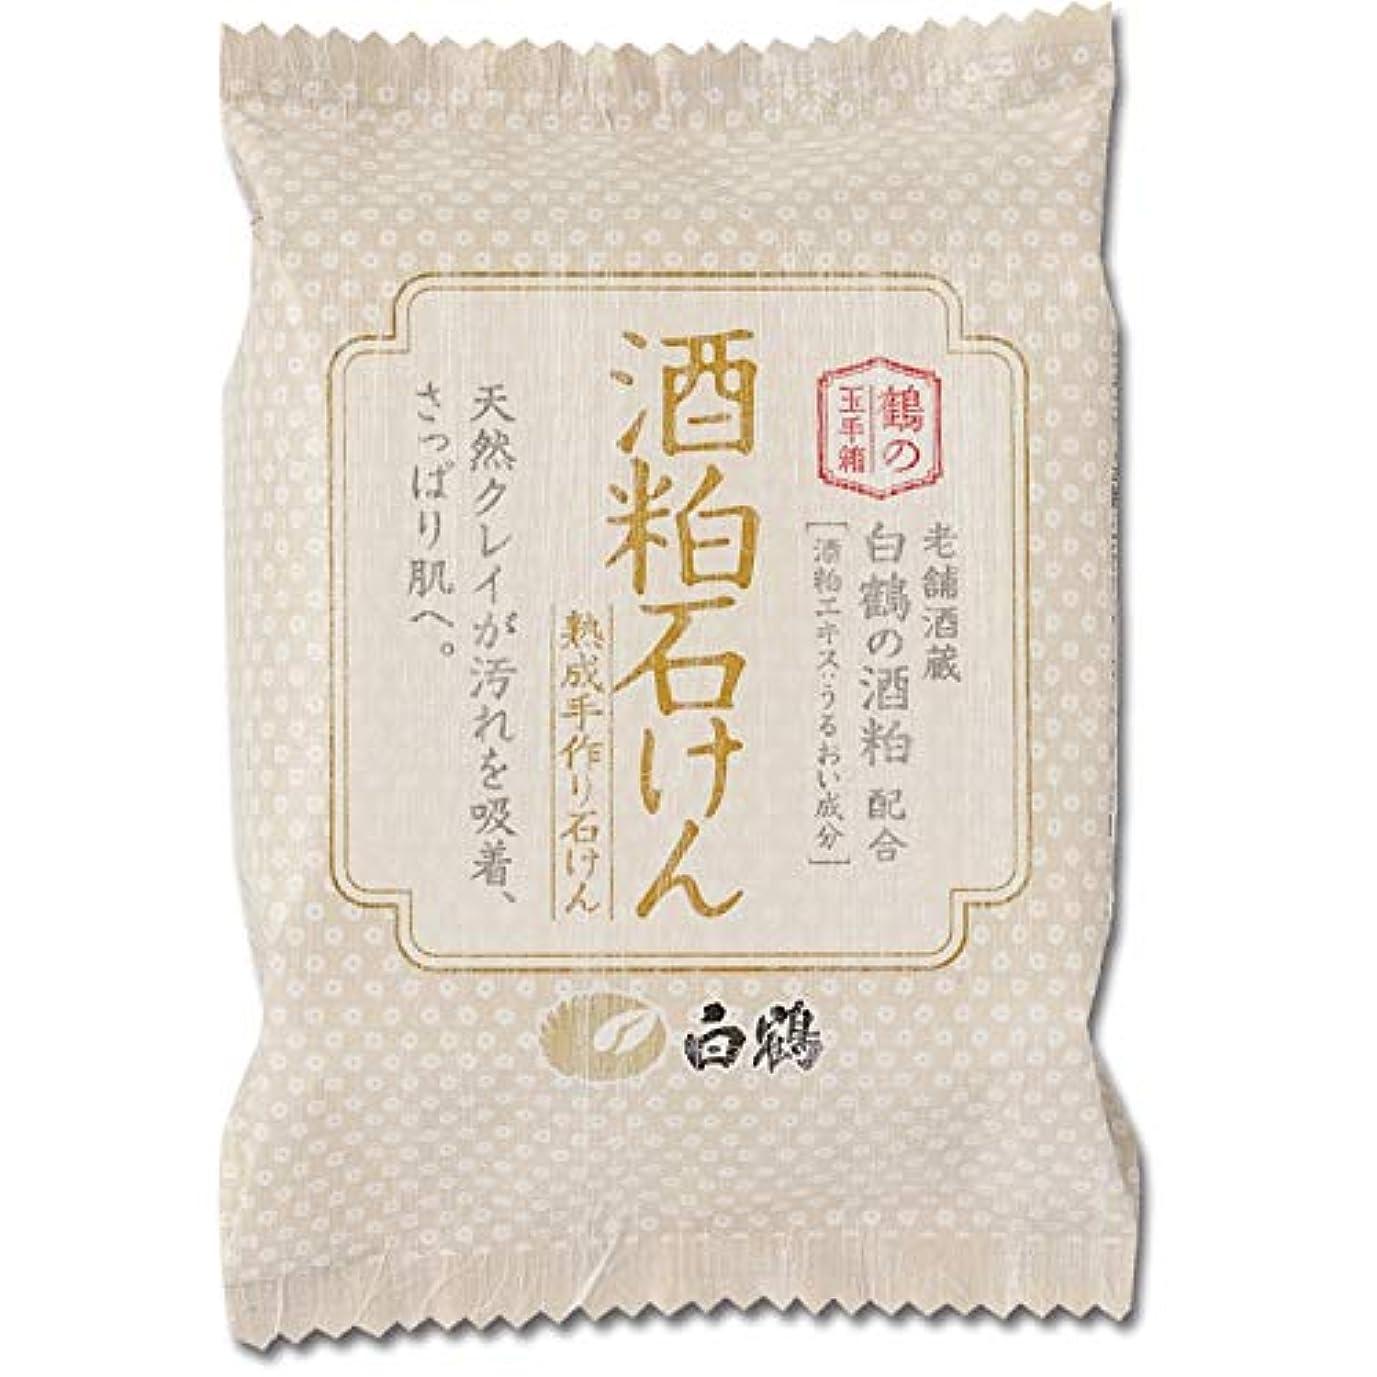 世界的に征服するトークン白鶴 鶴の玉手箱 酒粕石けん 100g (全身用石鹸)